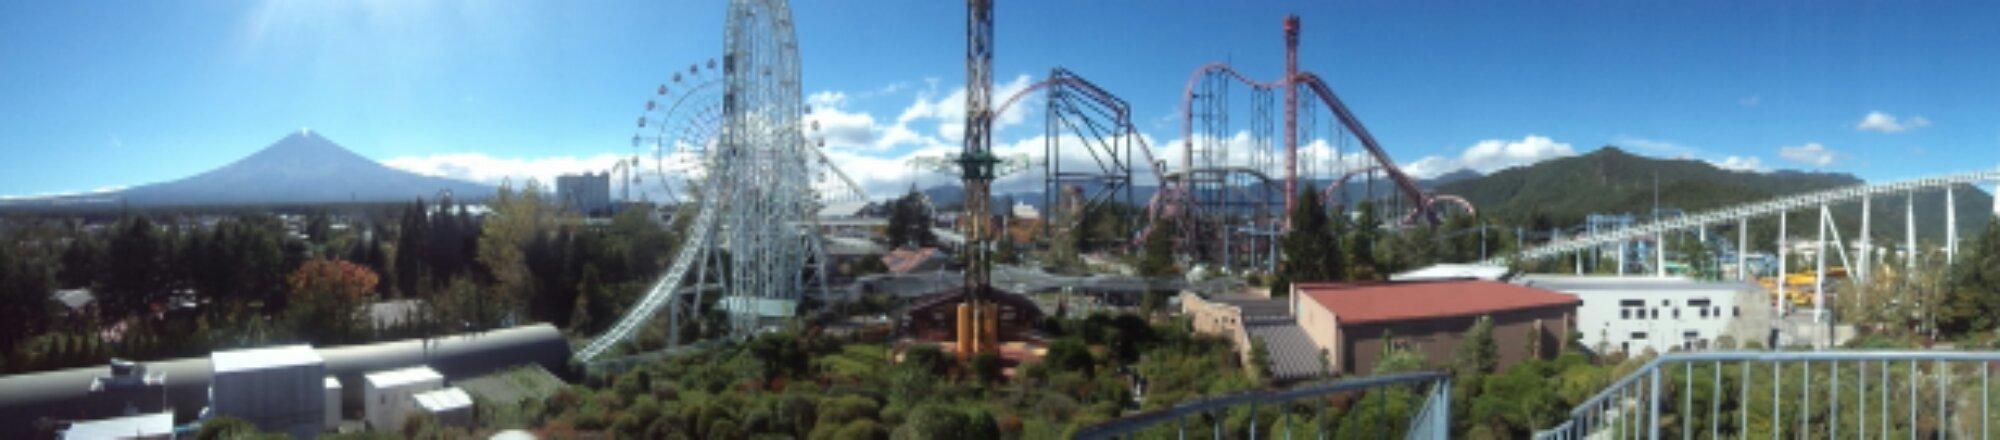 Fuji-Q - Vista panorâmica de cima do mirante do parque